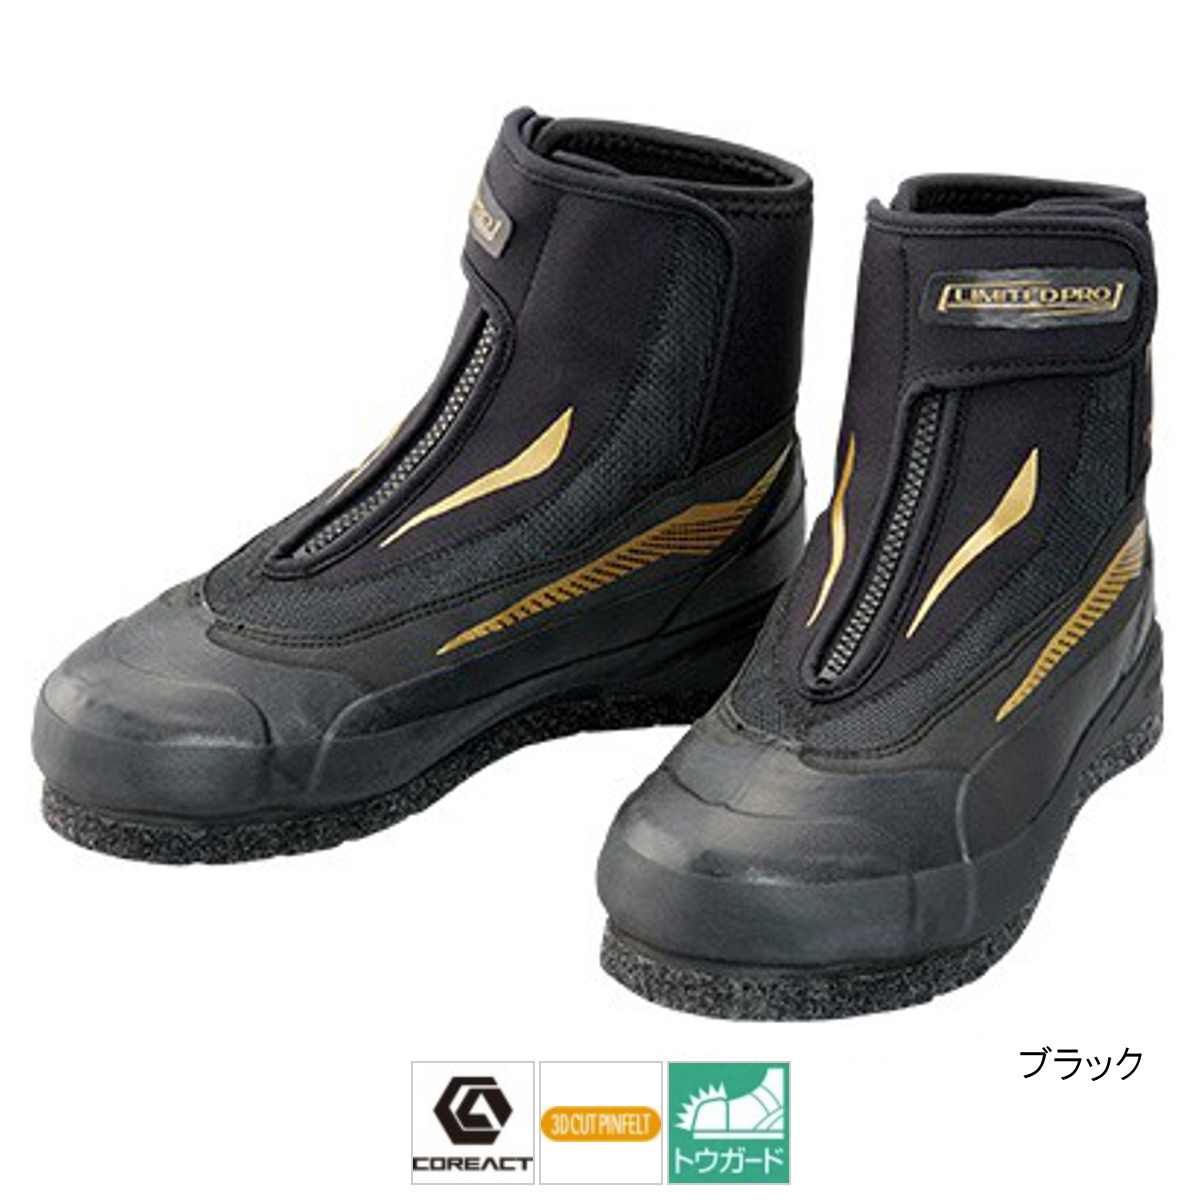 シマノ 3Dカットピンフェルトシューズリミテッドプロ FA-057S 27.0cm ブラック【送料無料】